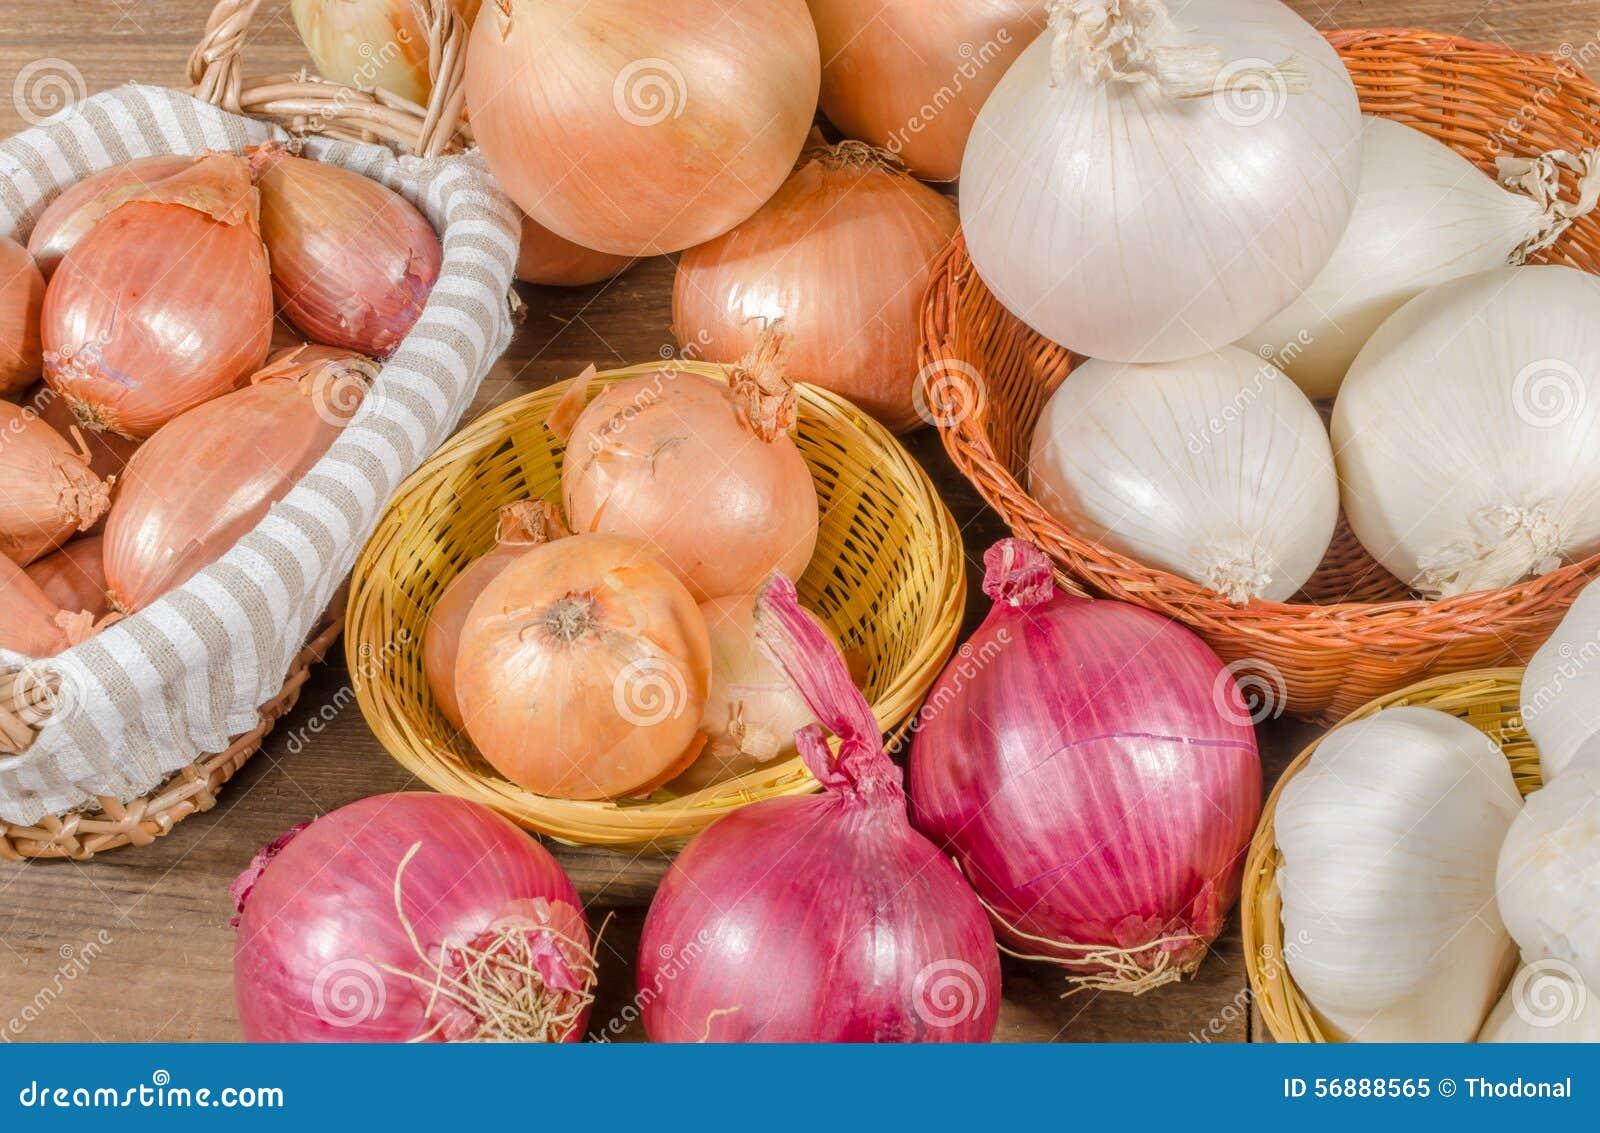 Différents Types Des Oignons, De L'ail Et D'échalotes Image stock - Image du frais, échalotes ...